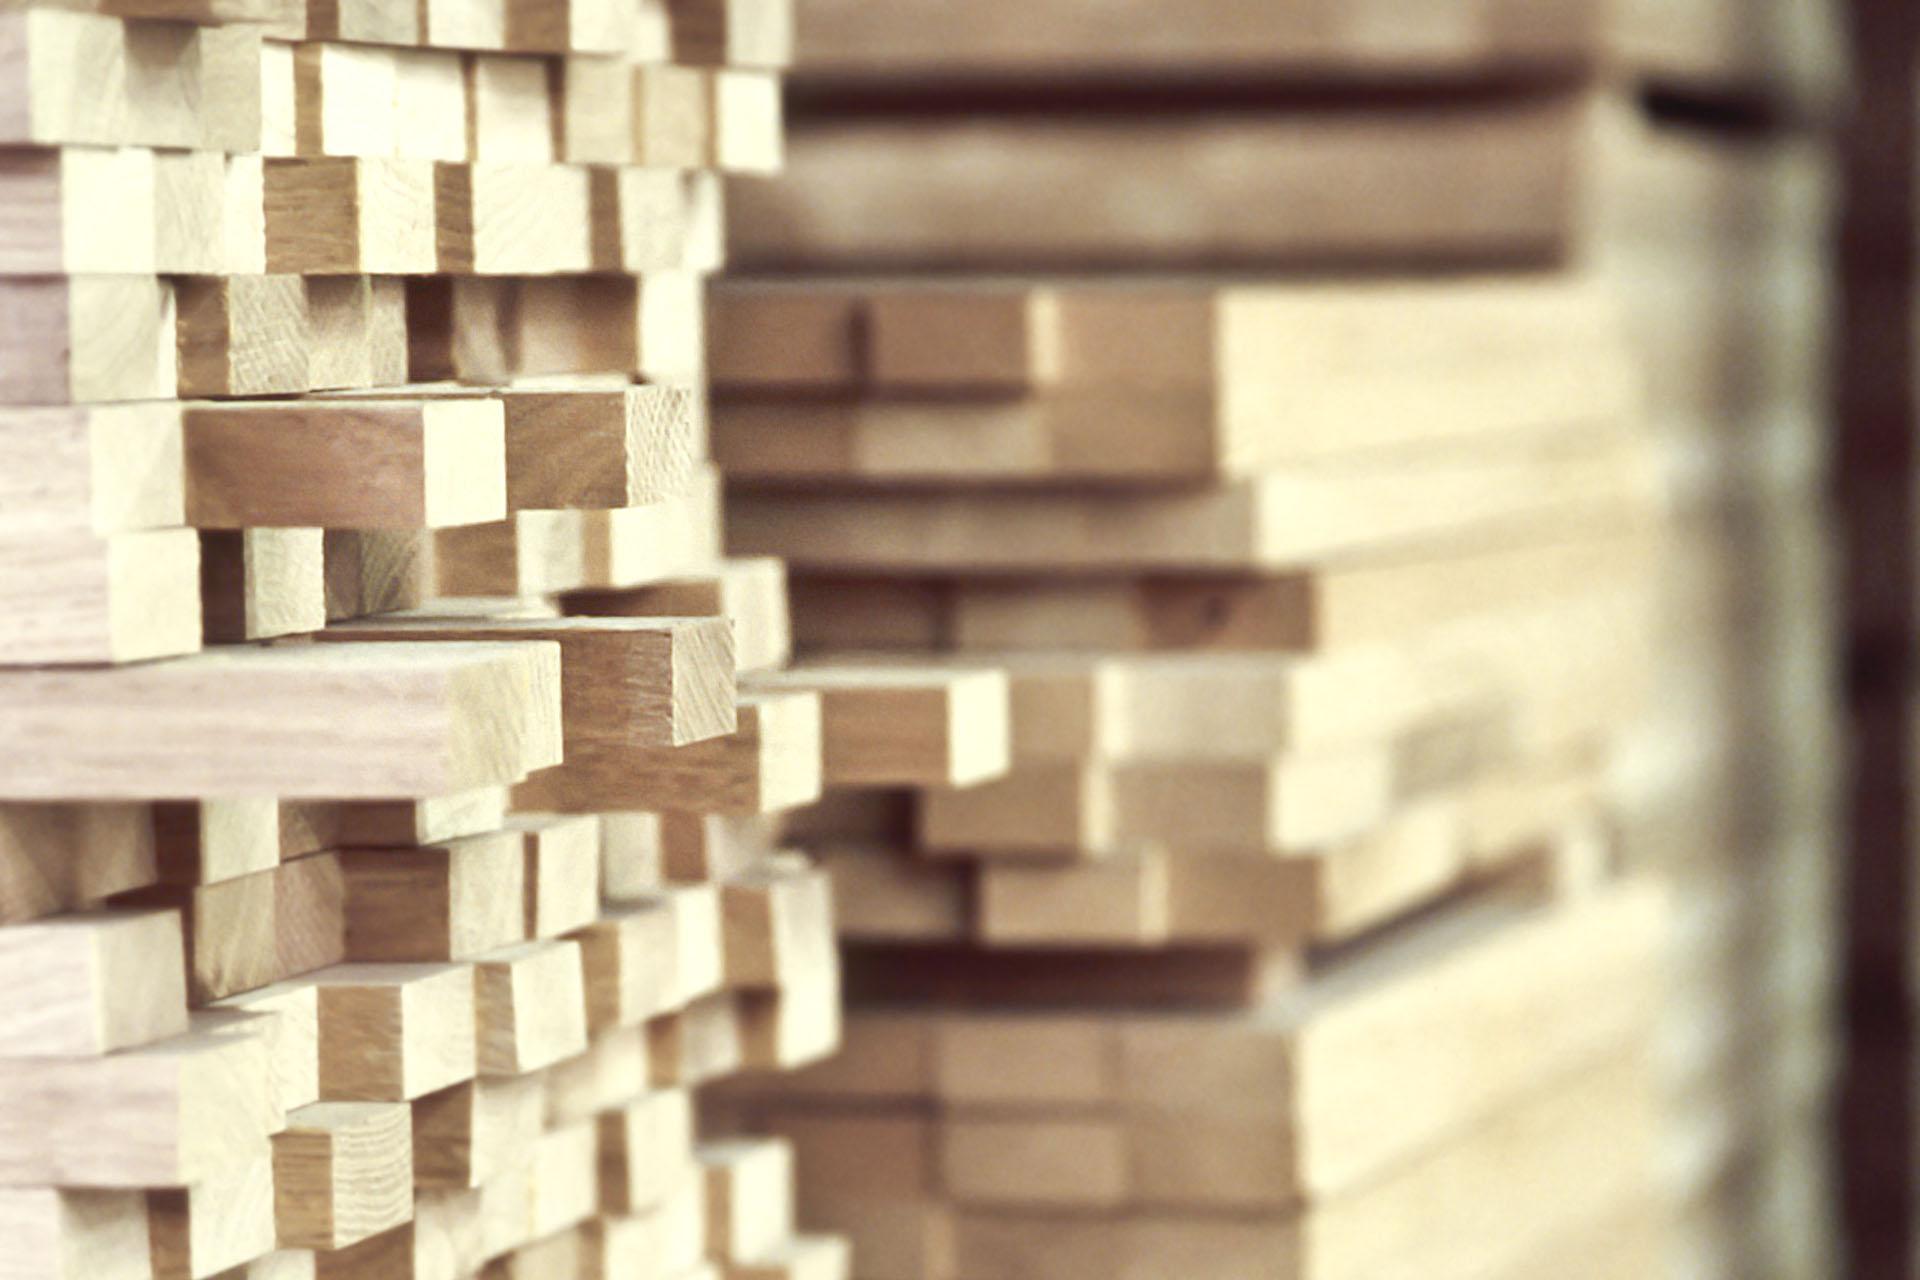 Properties of beech wood